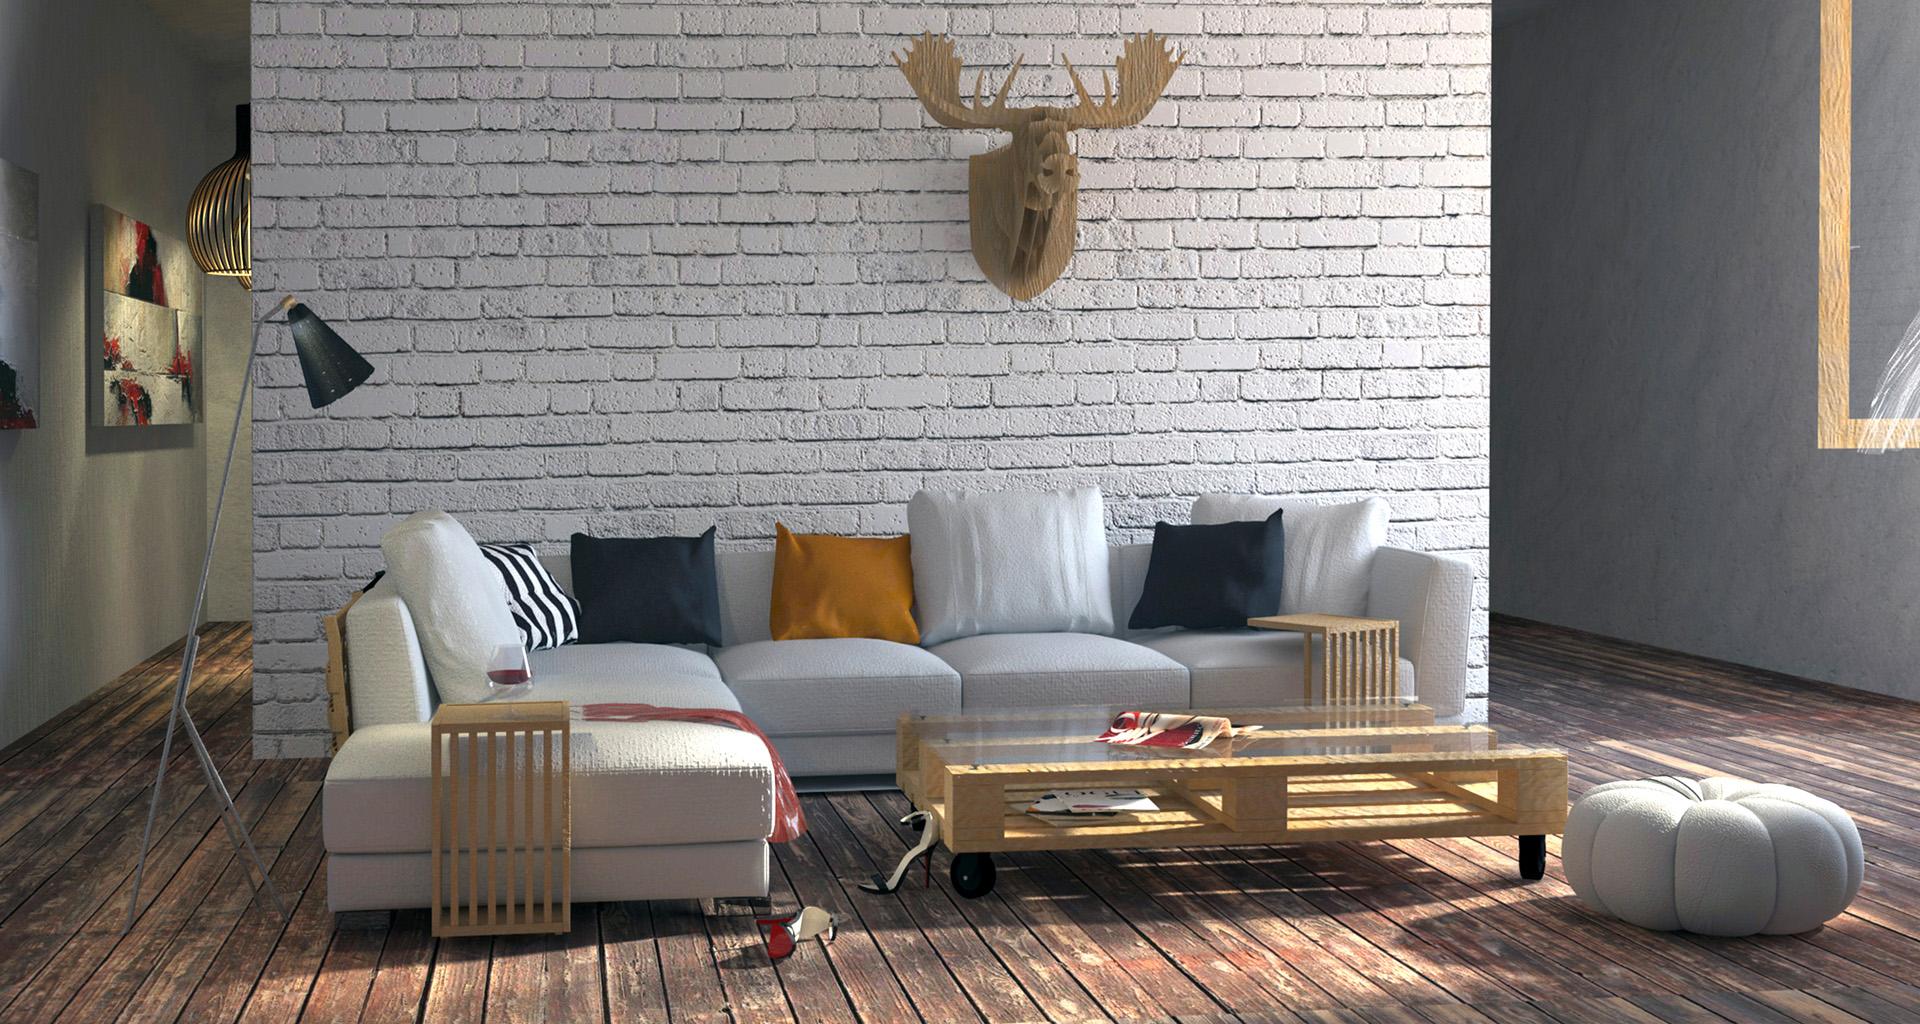 Projekt wnętrza pokoju dziennego - styl industralny. M2 Architektura - Pracownia Projektowa Katowice.